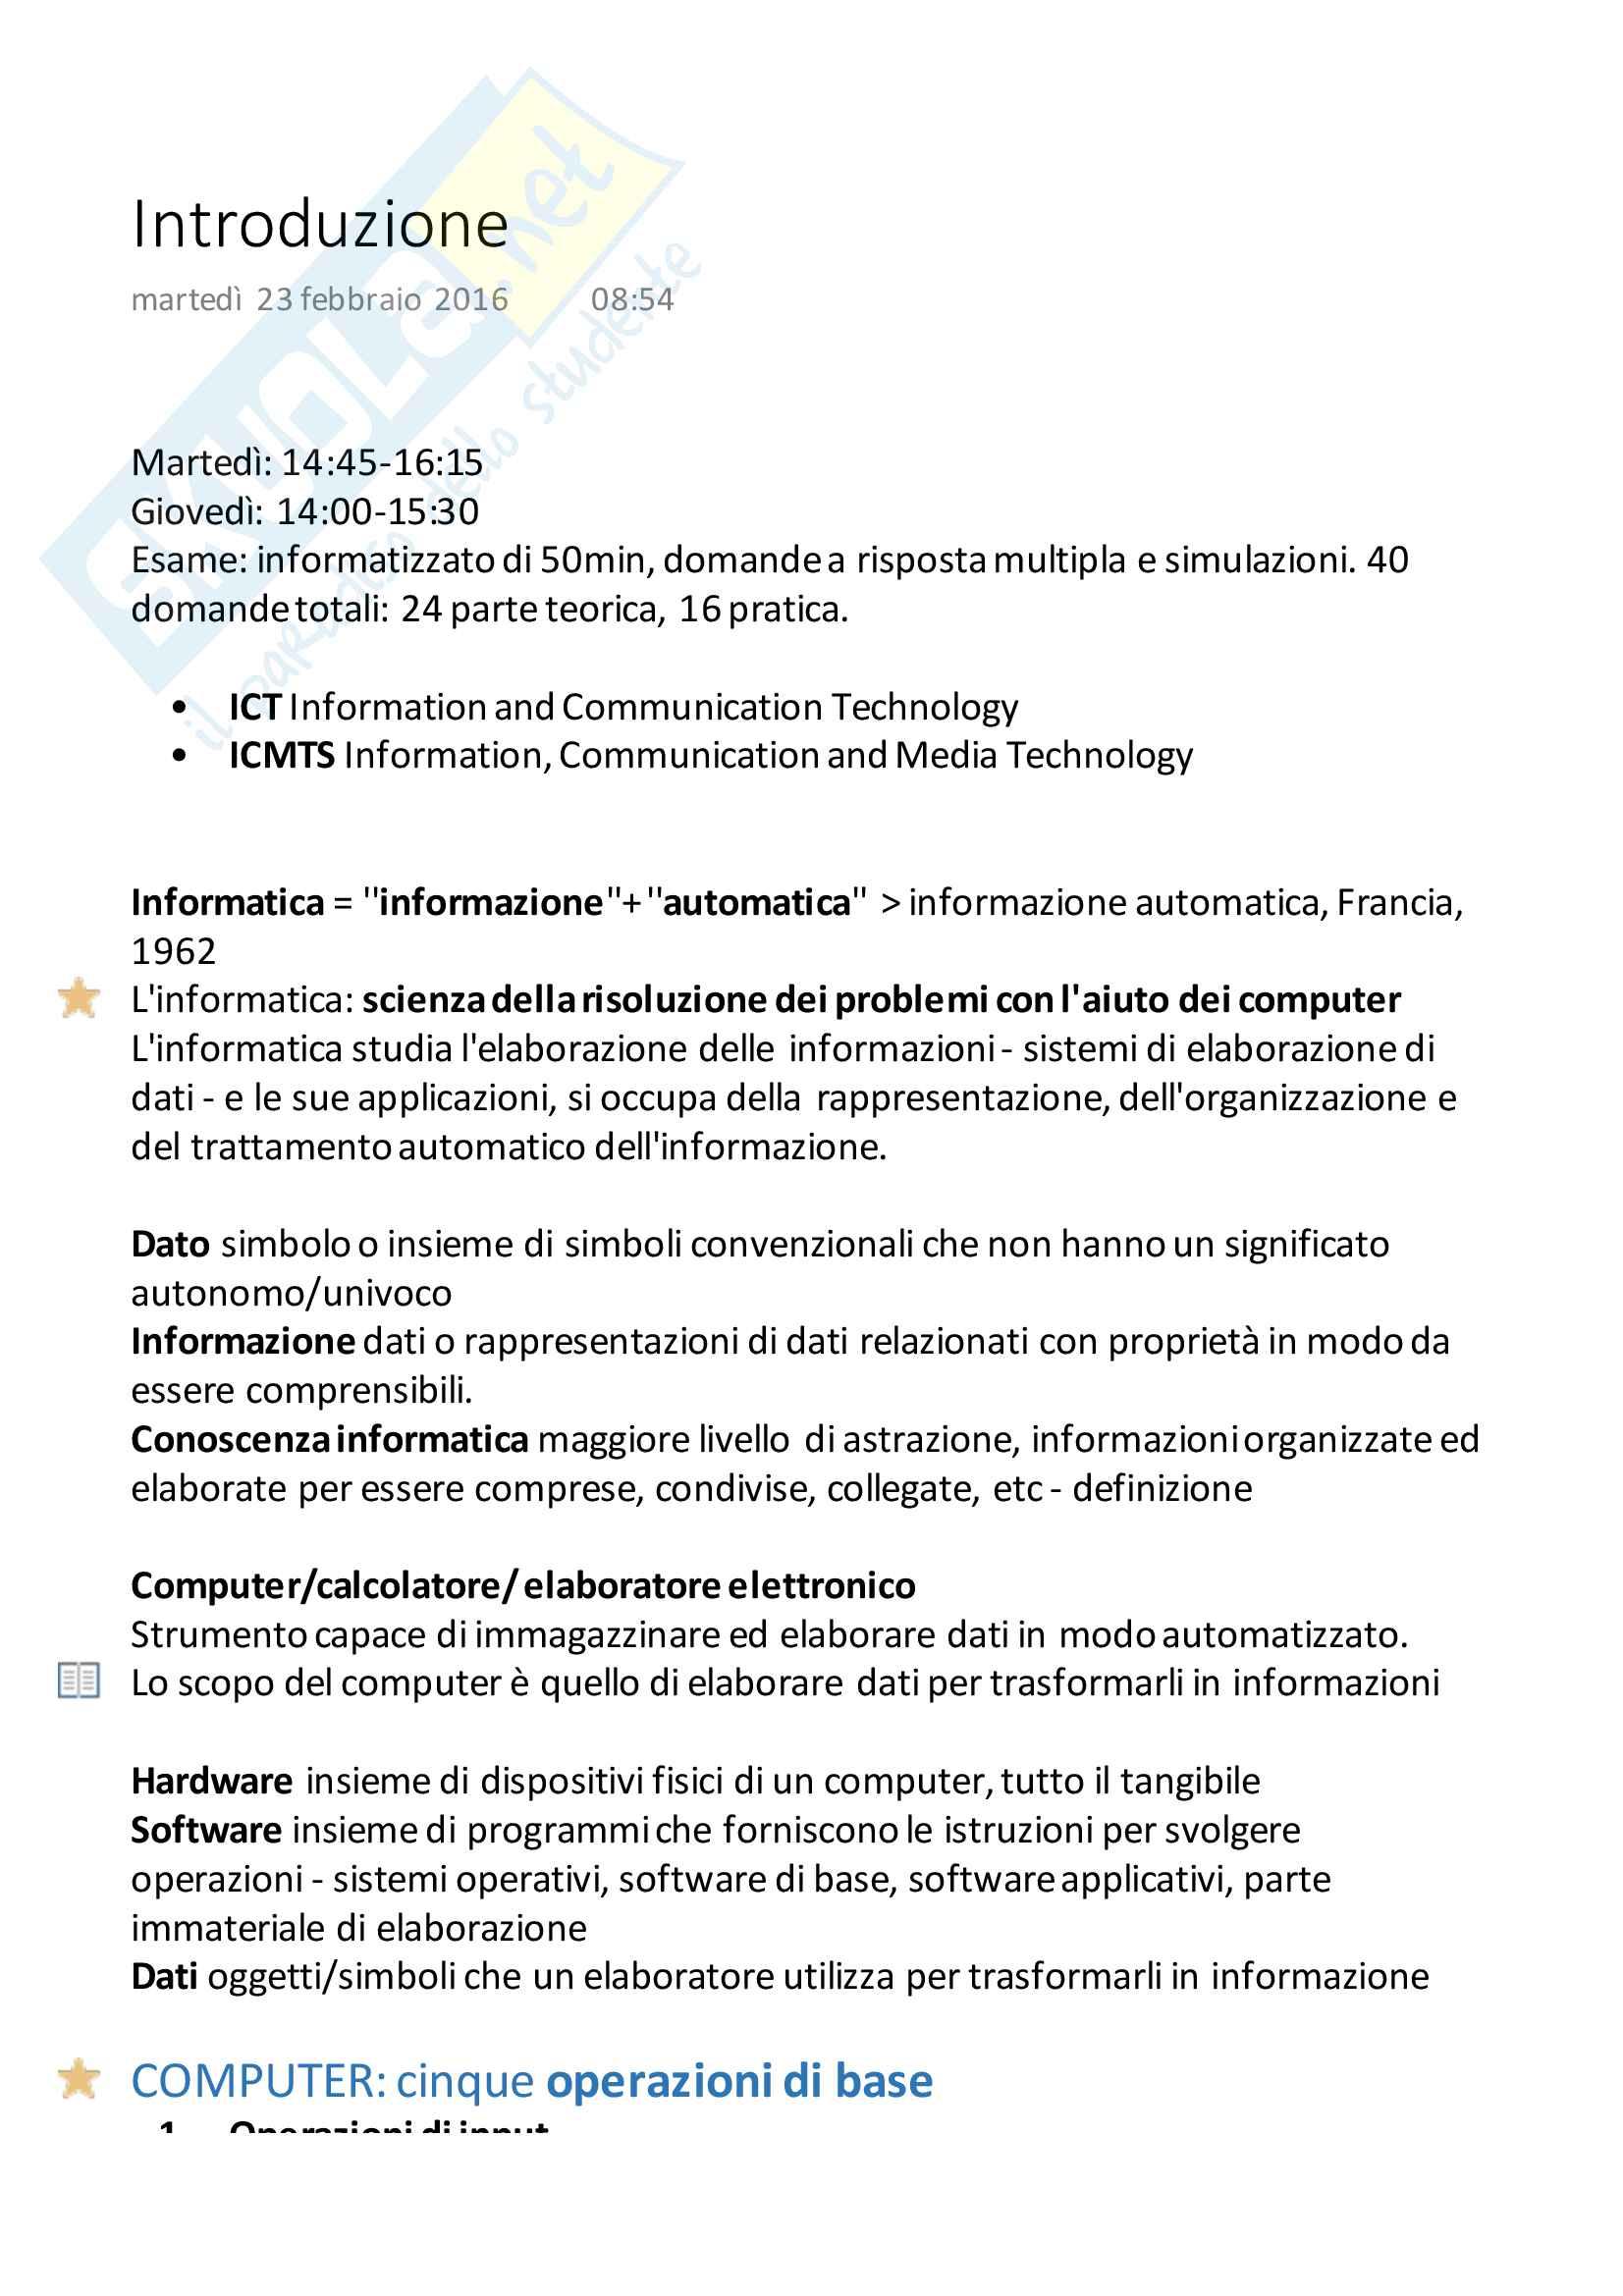 Introduzione al corso ''Informatica per la Comunicazione'', Andrea Davide Cuman. 1a Lezione